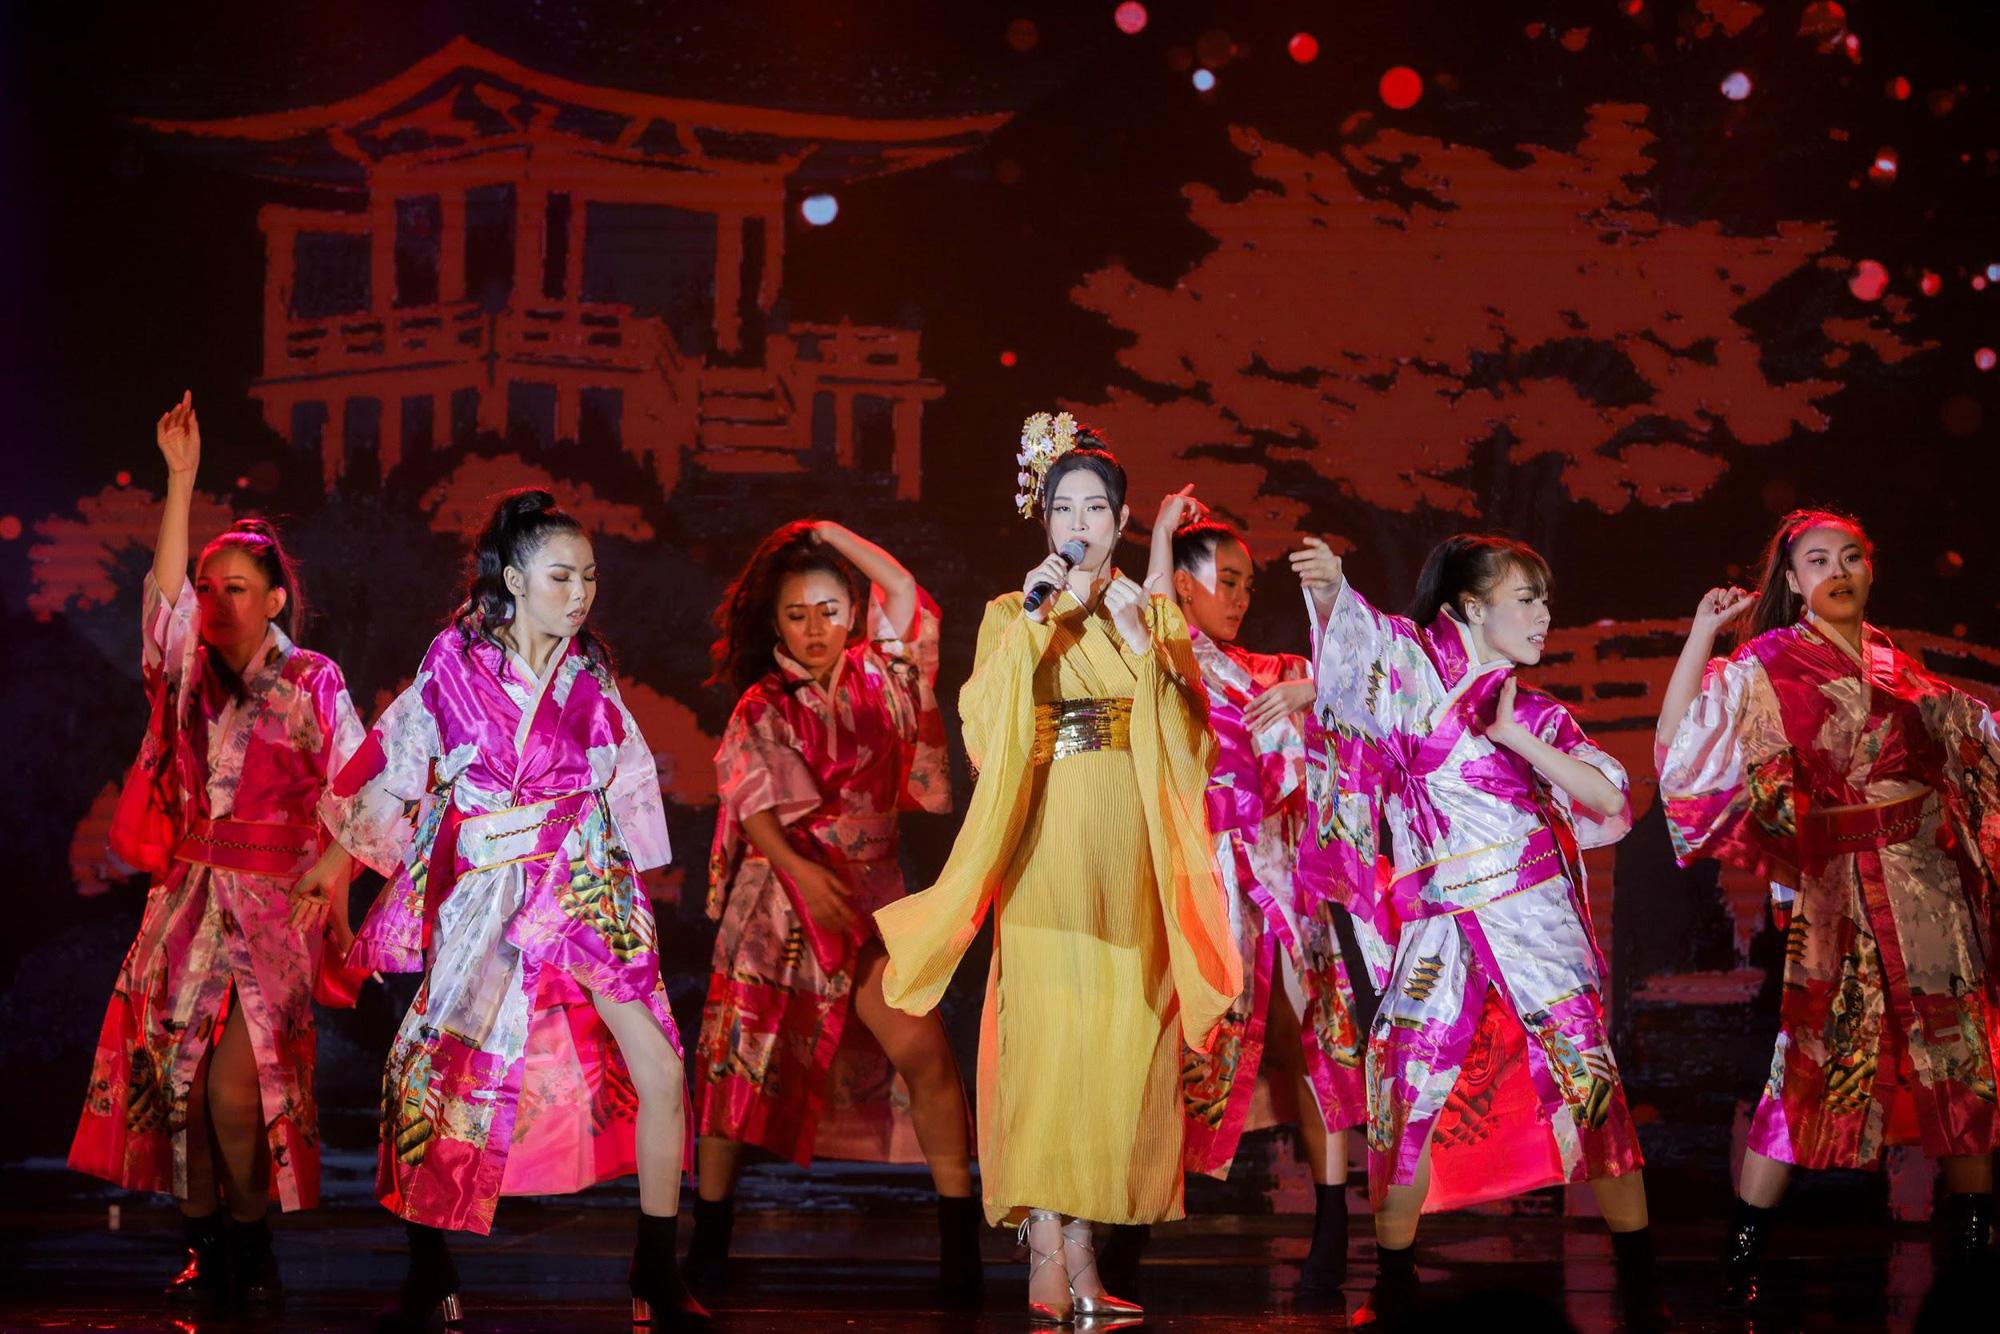 Loạt ảnh mới nhất xinh lung linh của Đông Nhi, Noo Phước Thịnh khiến khán giả trầm trồ trong đêm Gala Secret Concert – Chill Cùng Acecook - Ảnh 3.